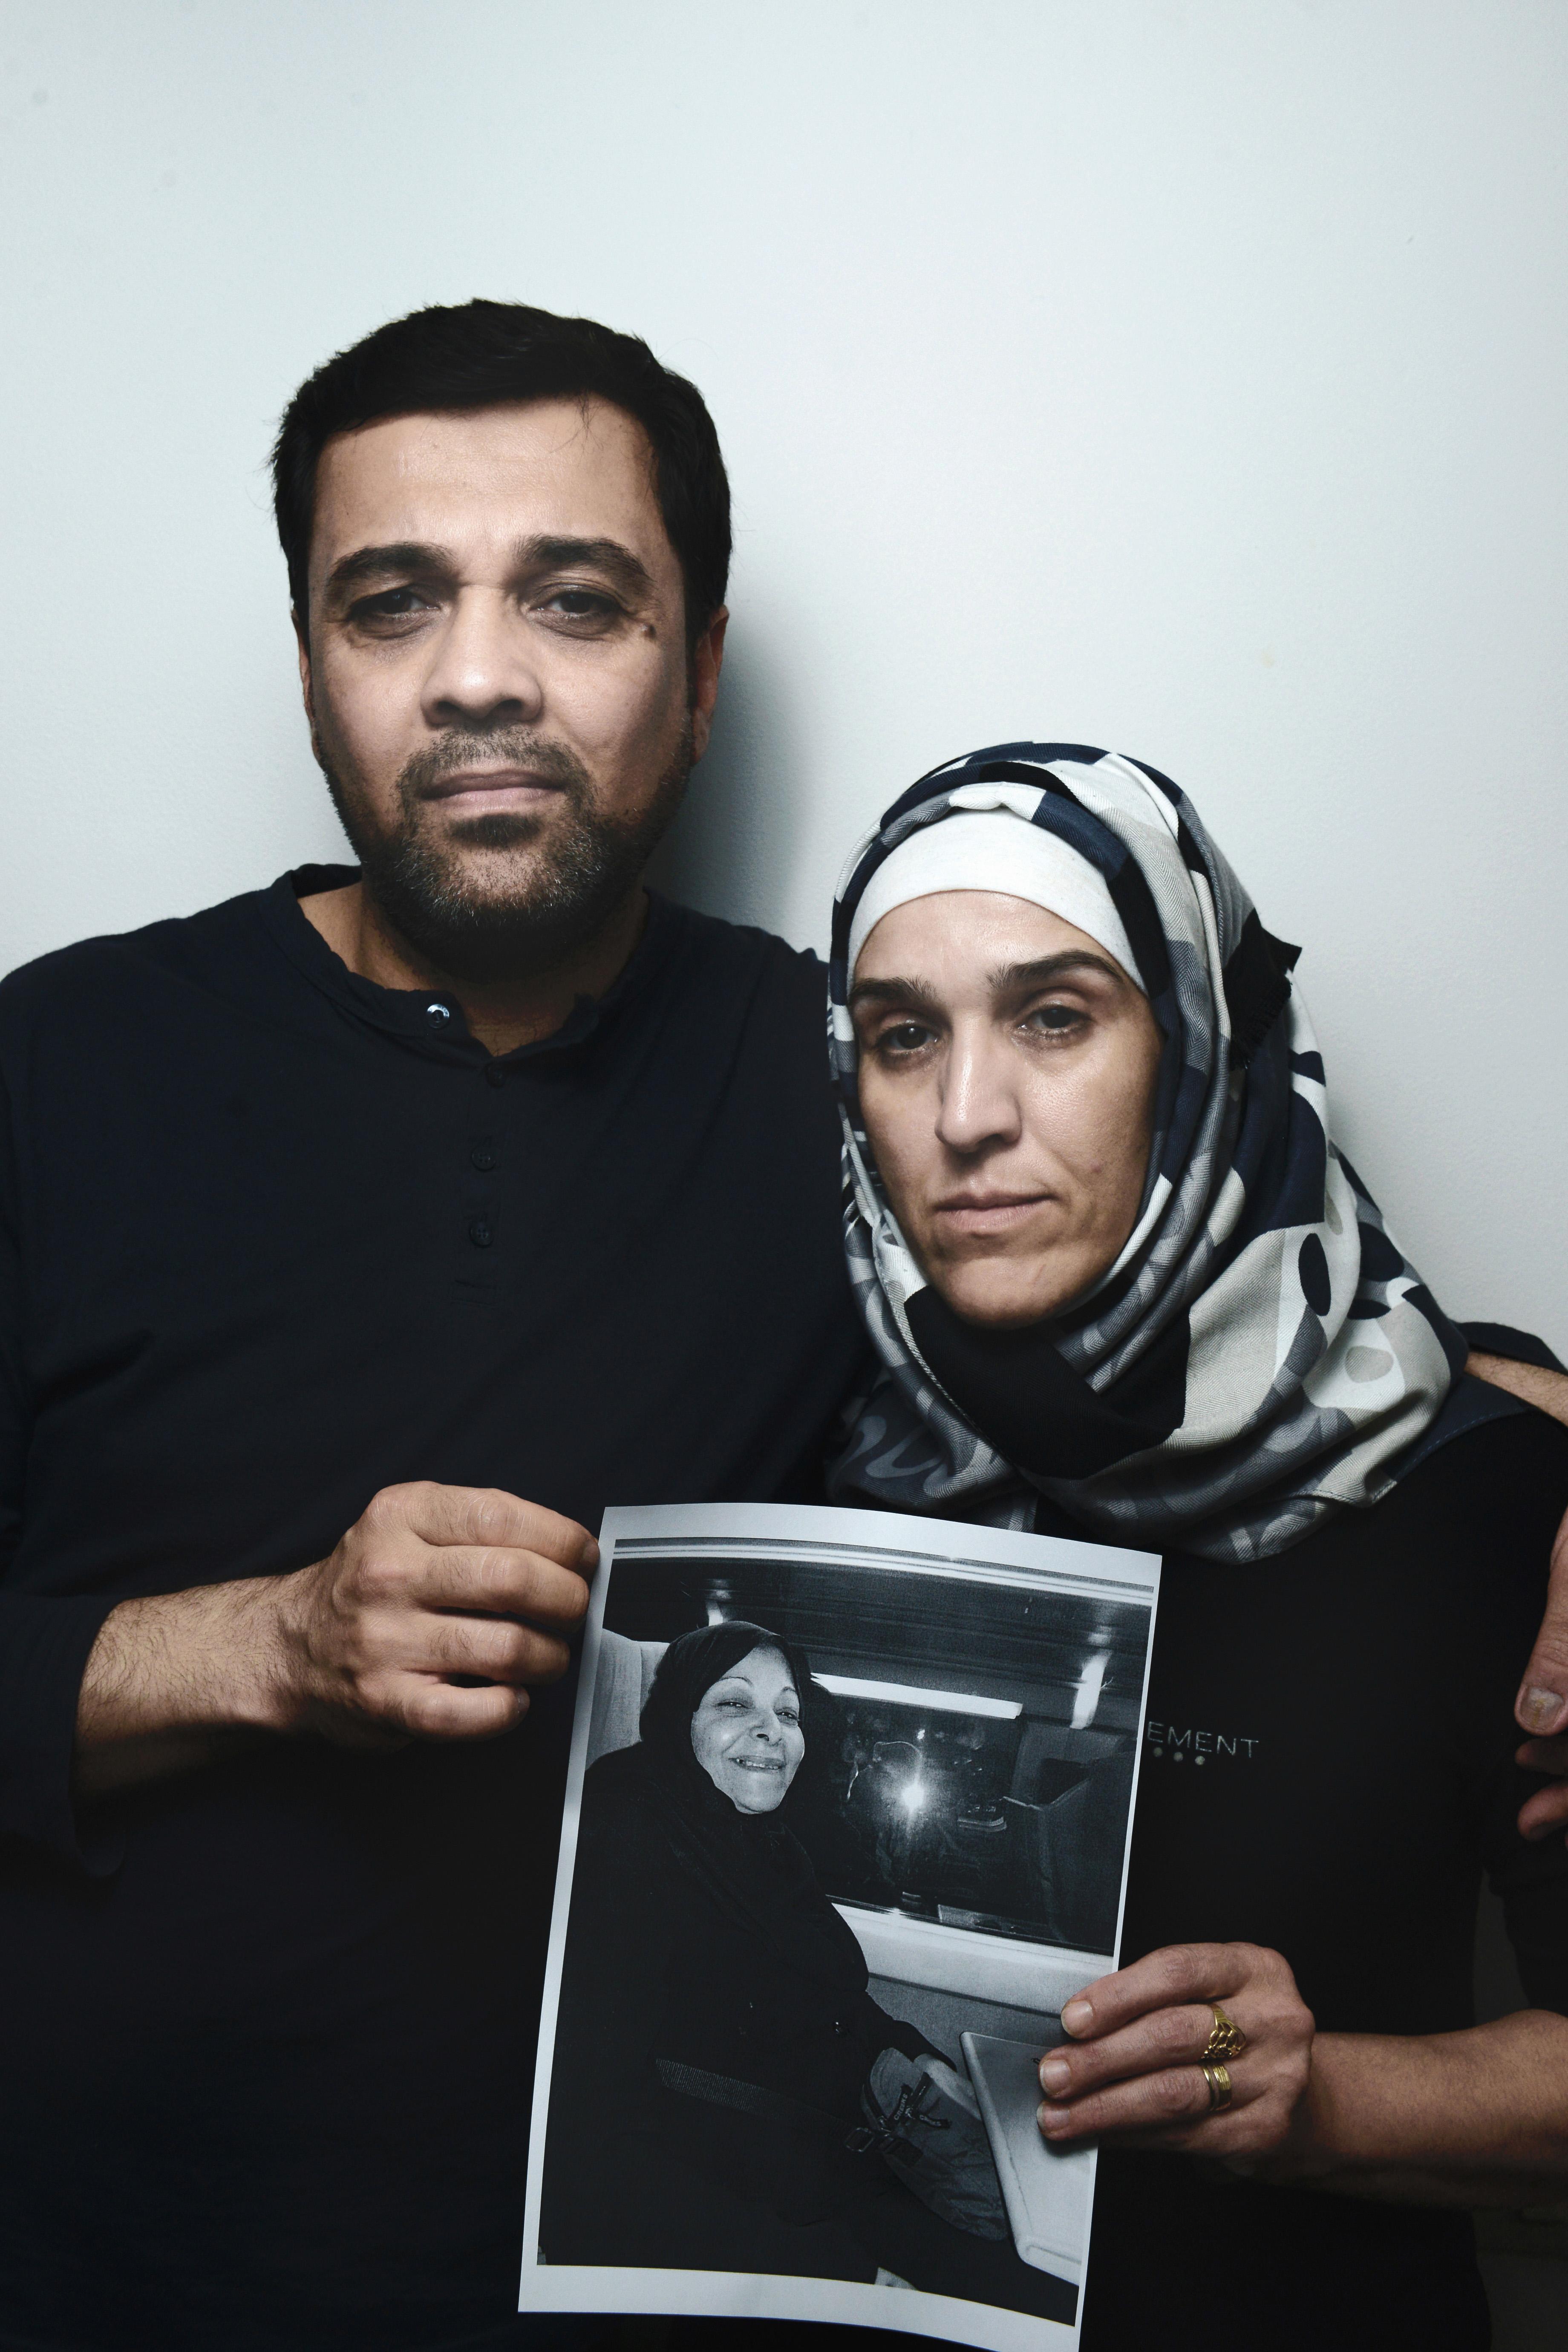 Sarmad Haqi and Amara Cellali, the son and daughter-in-law of passenger Najlah Al-Salihi